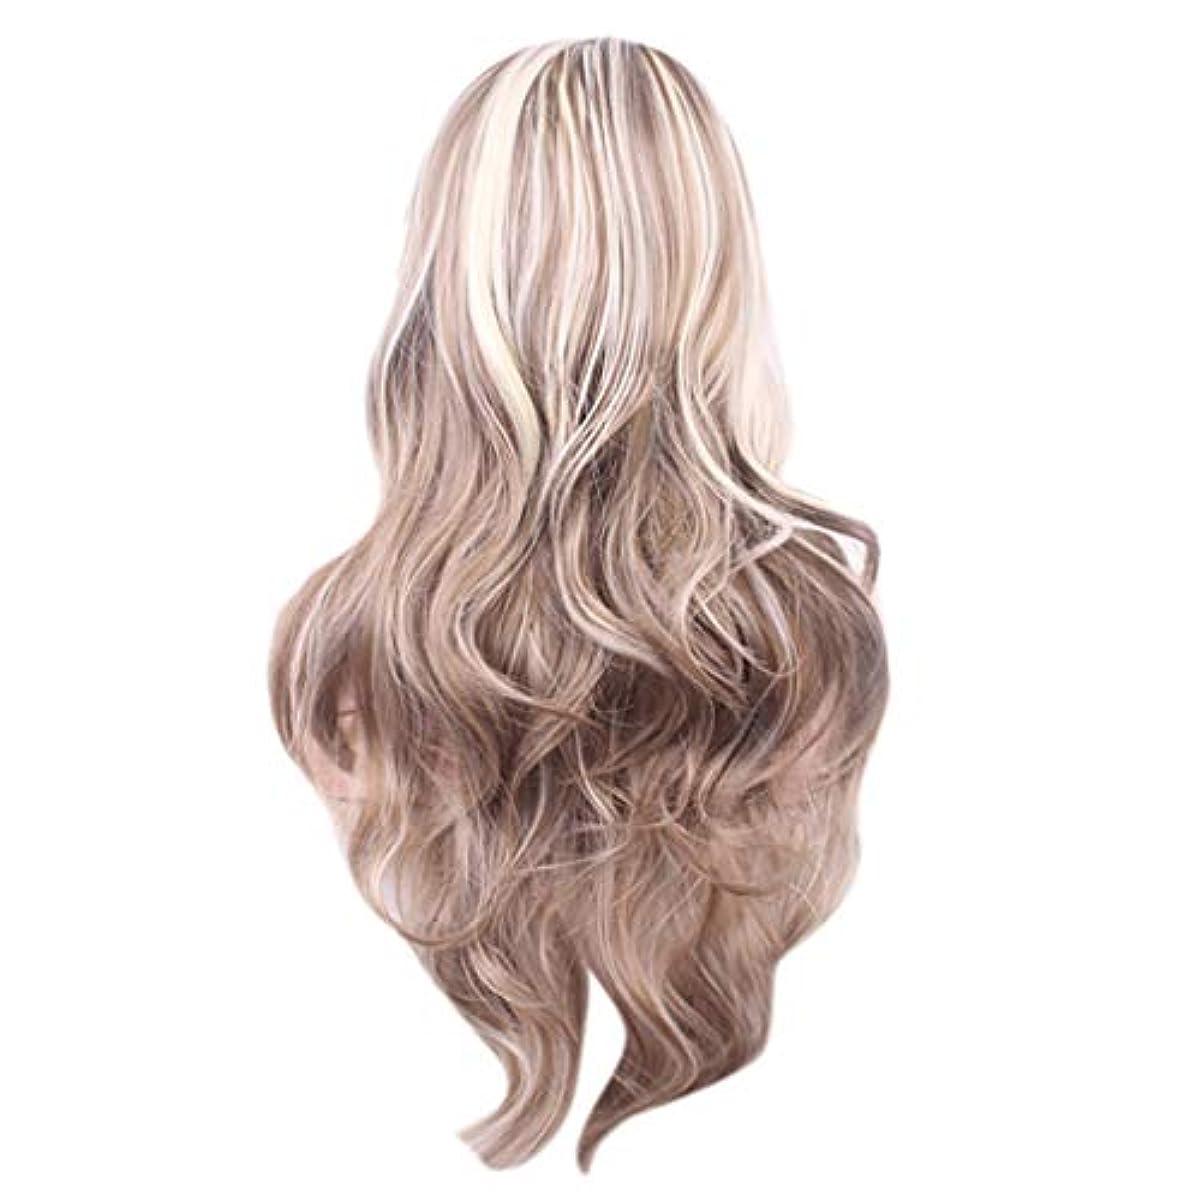 賄賂かすれた篭女性のセクシーな長い巻き毛のかつら70センチウィッグ